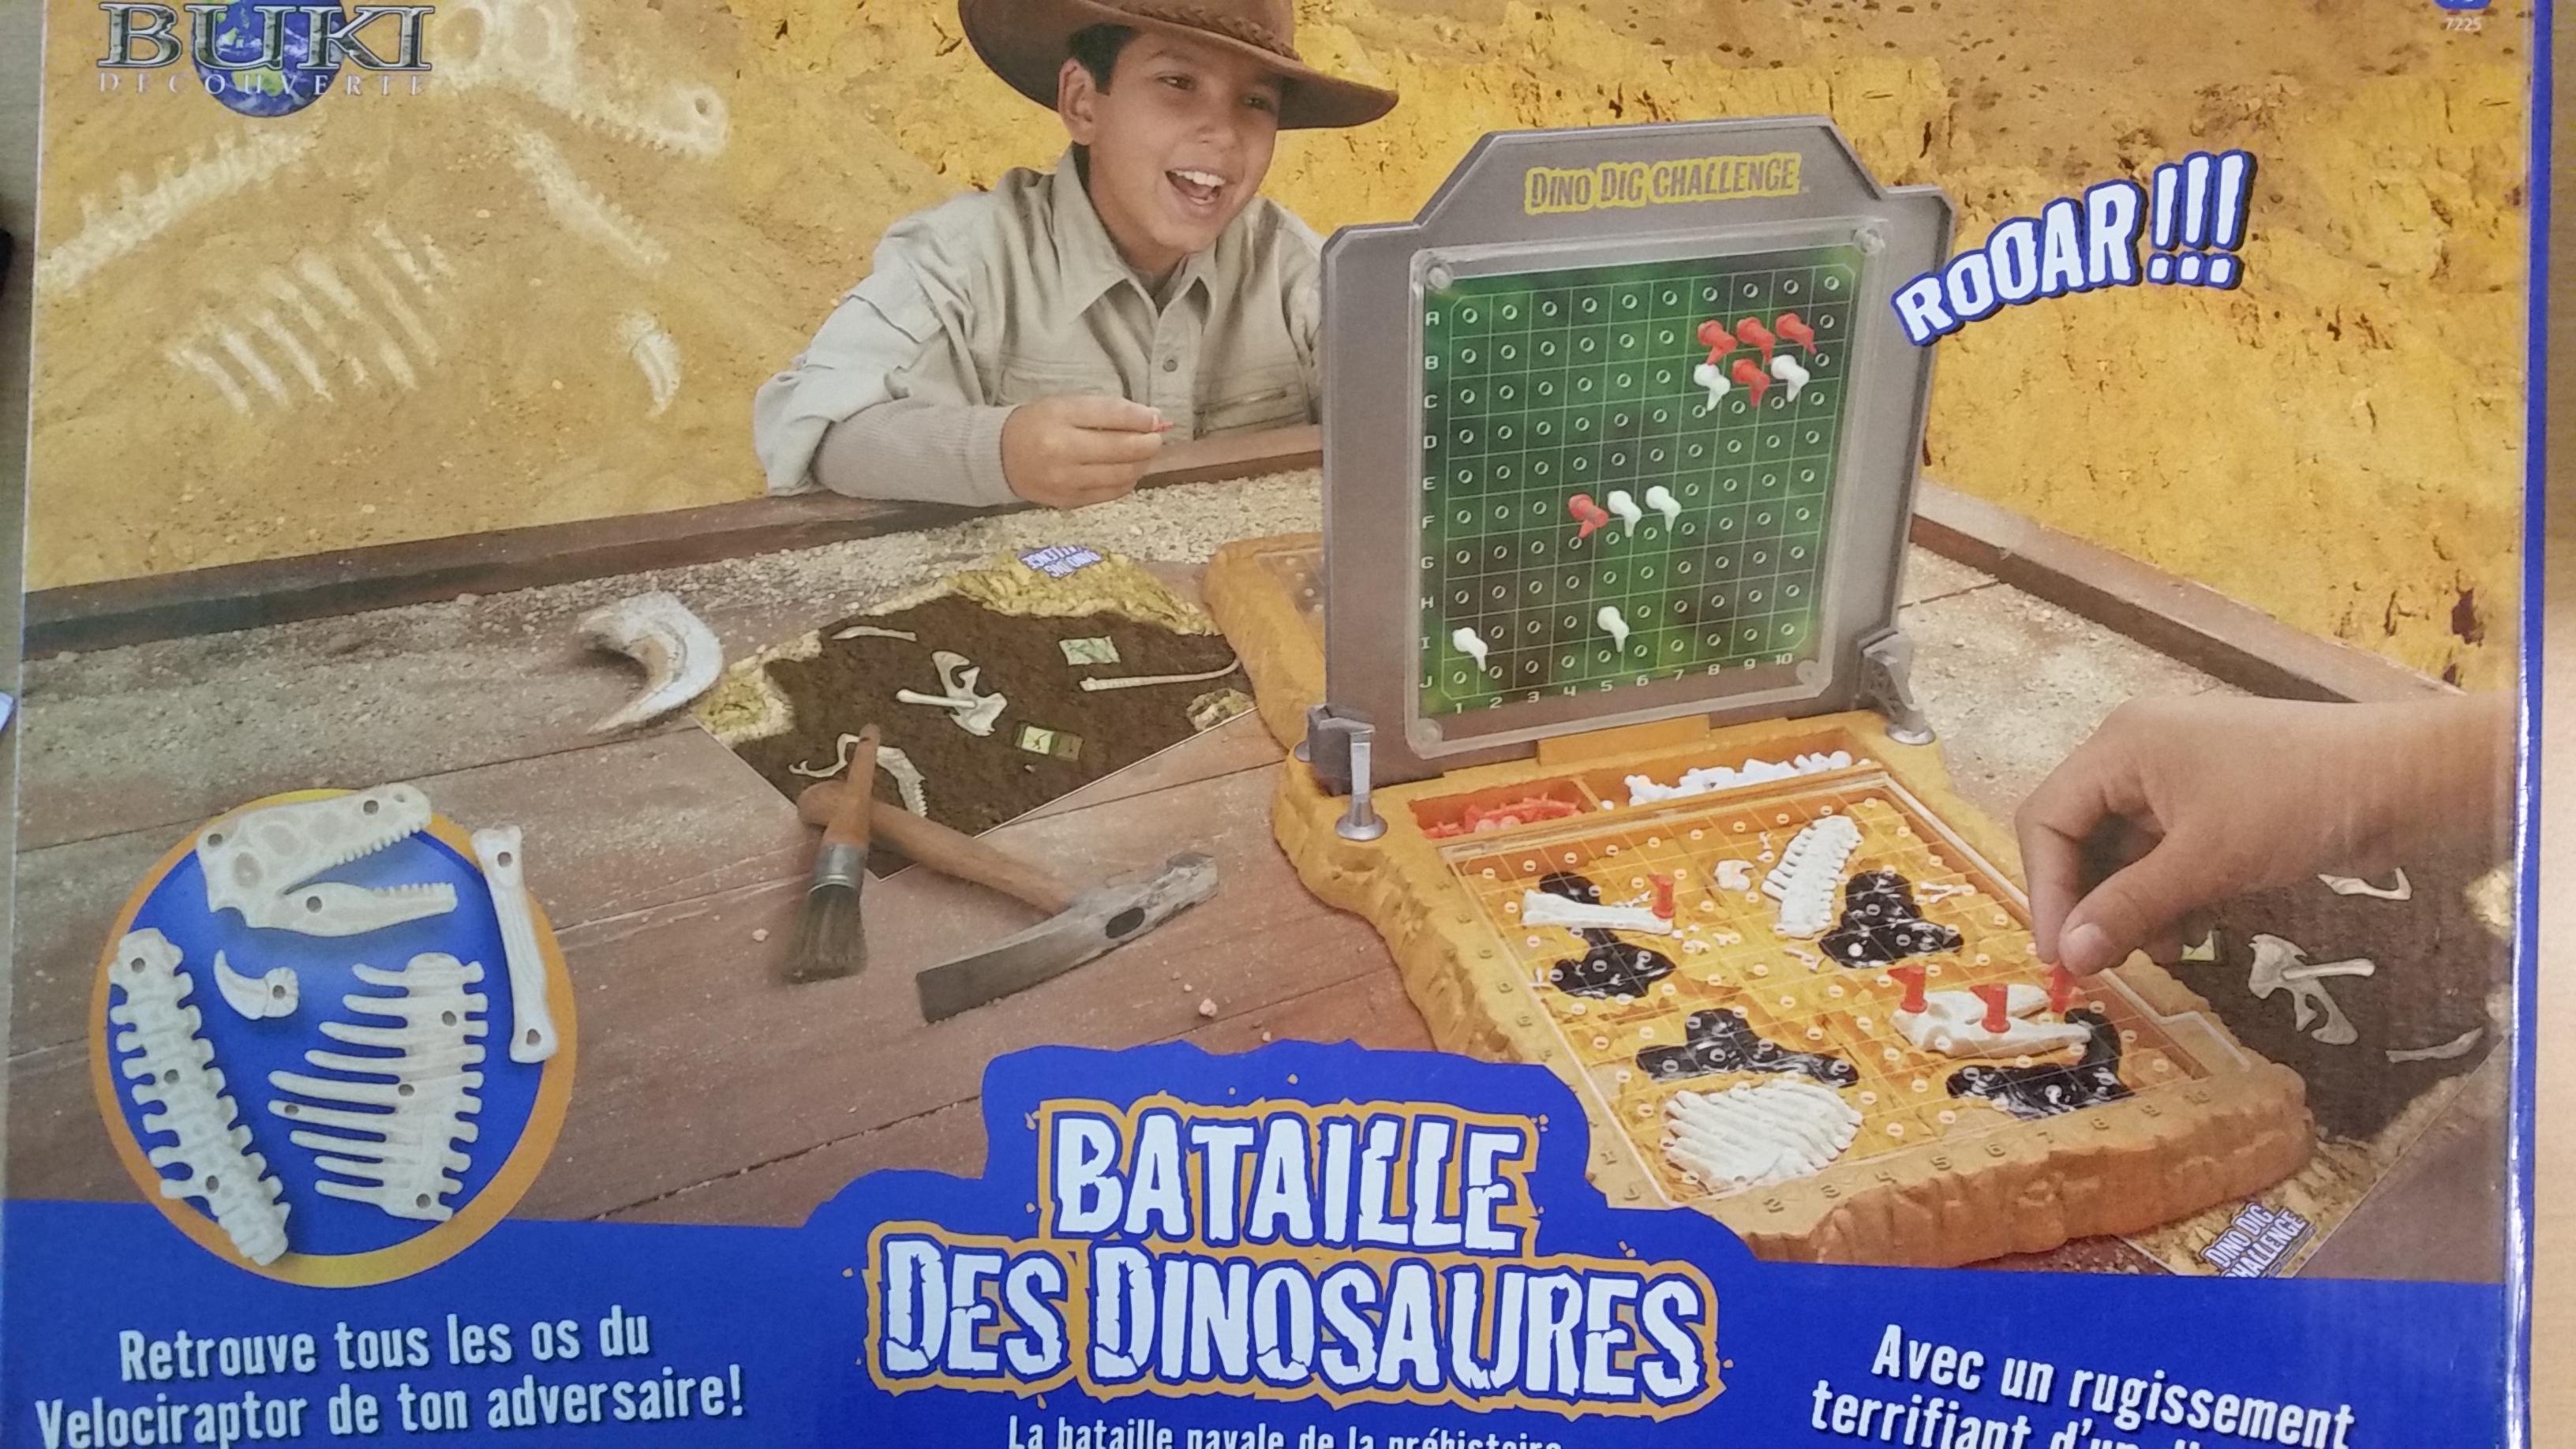 Bataille des dinosaures